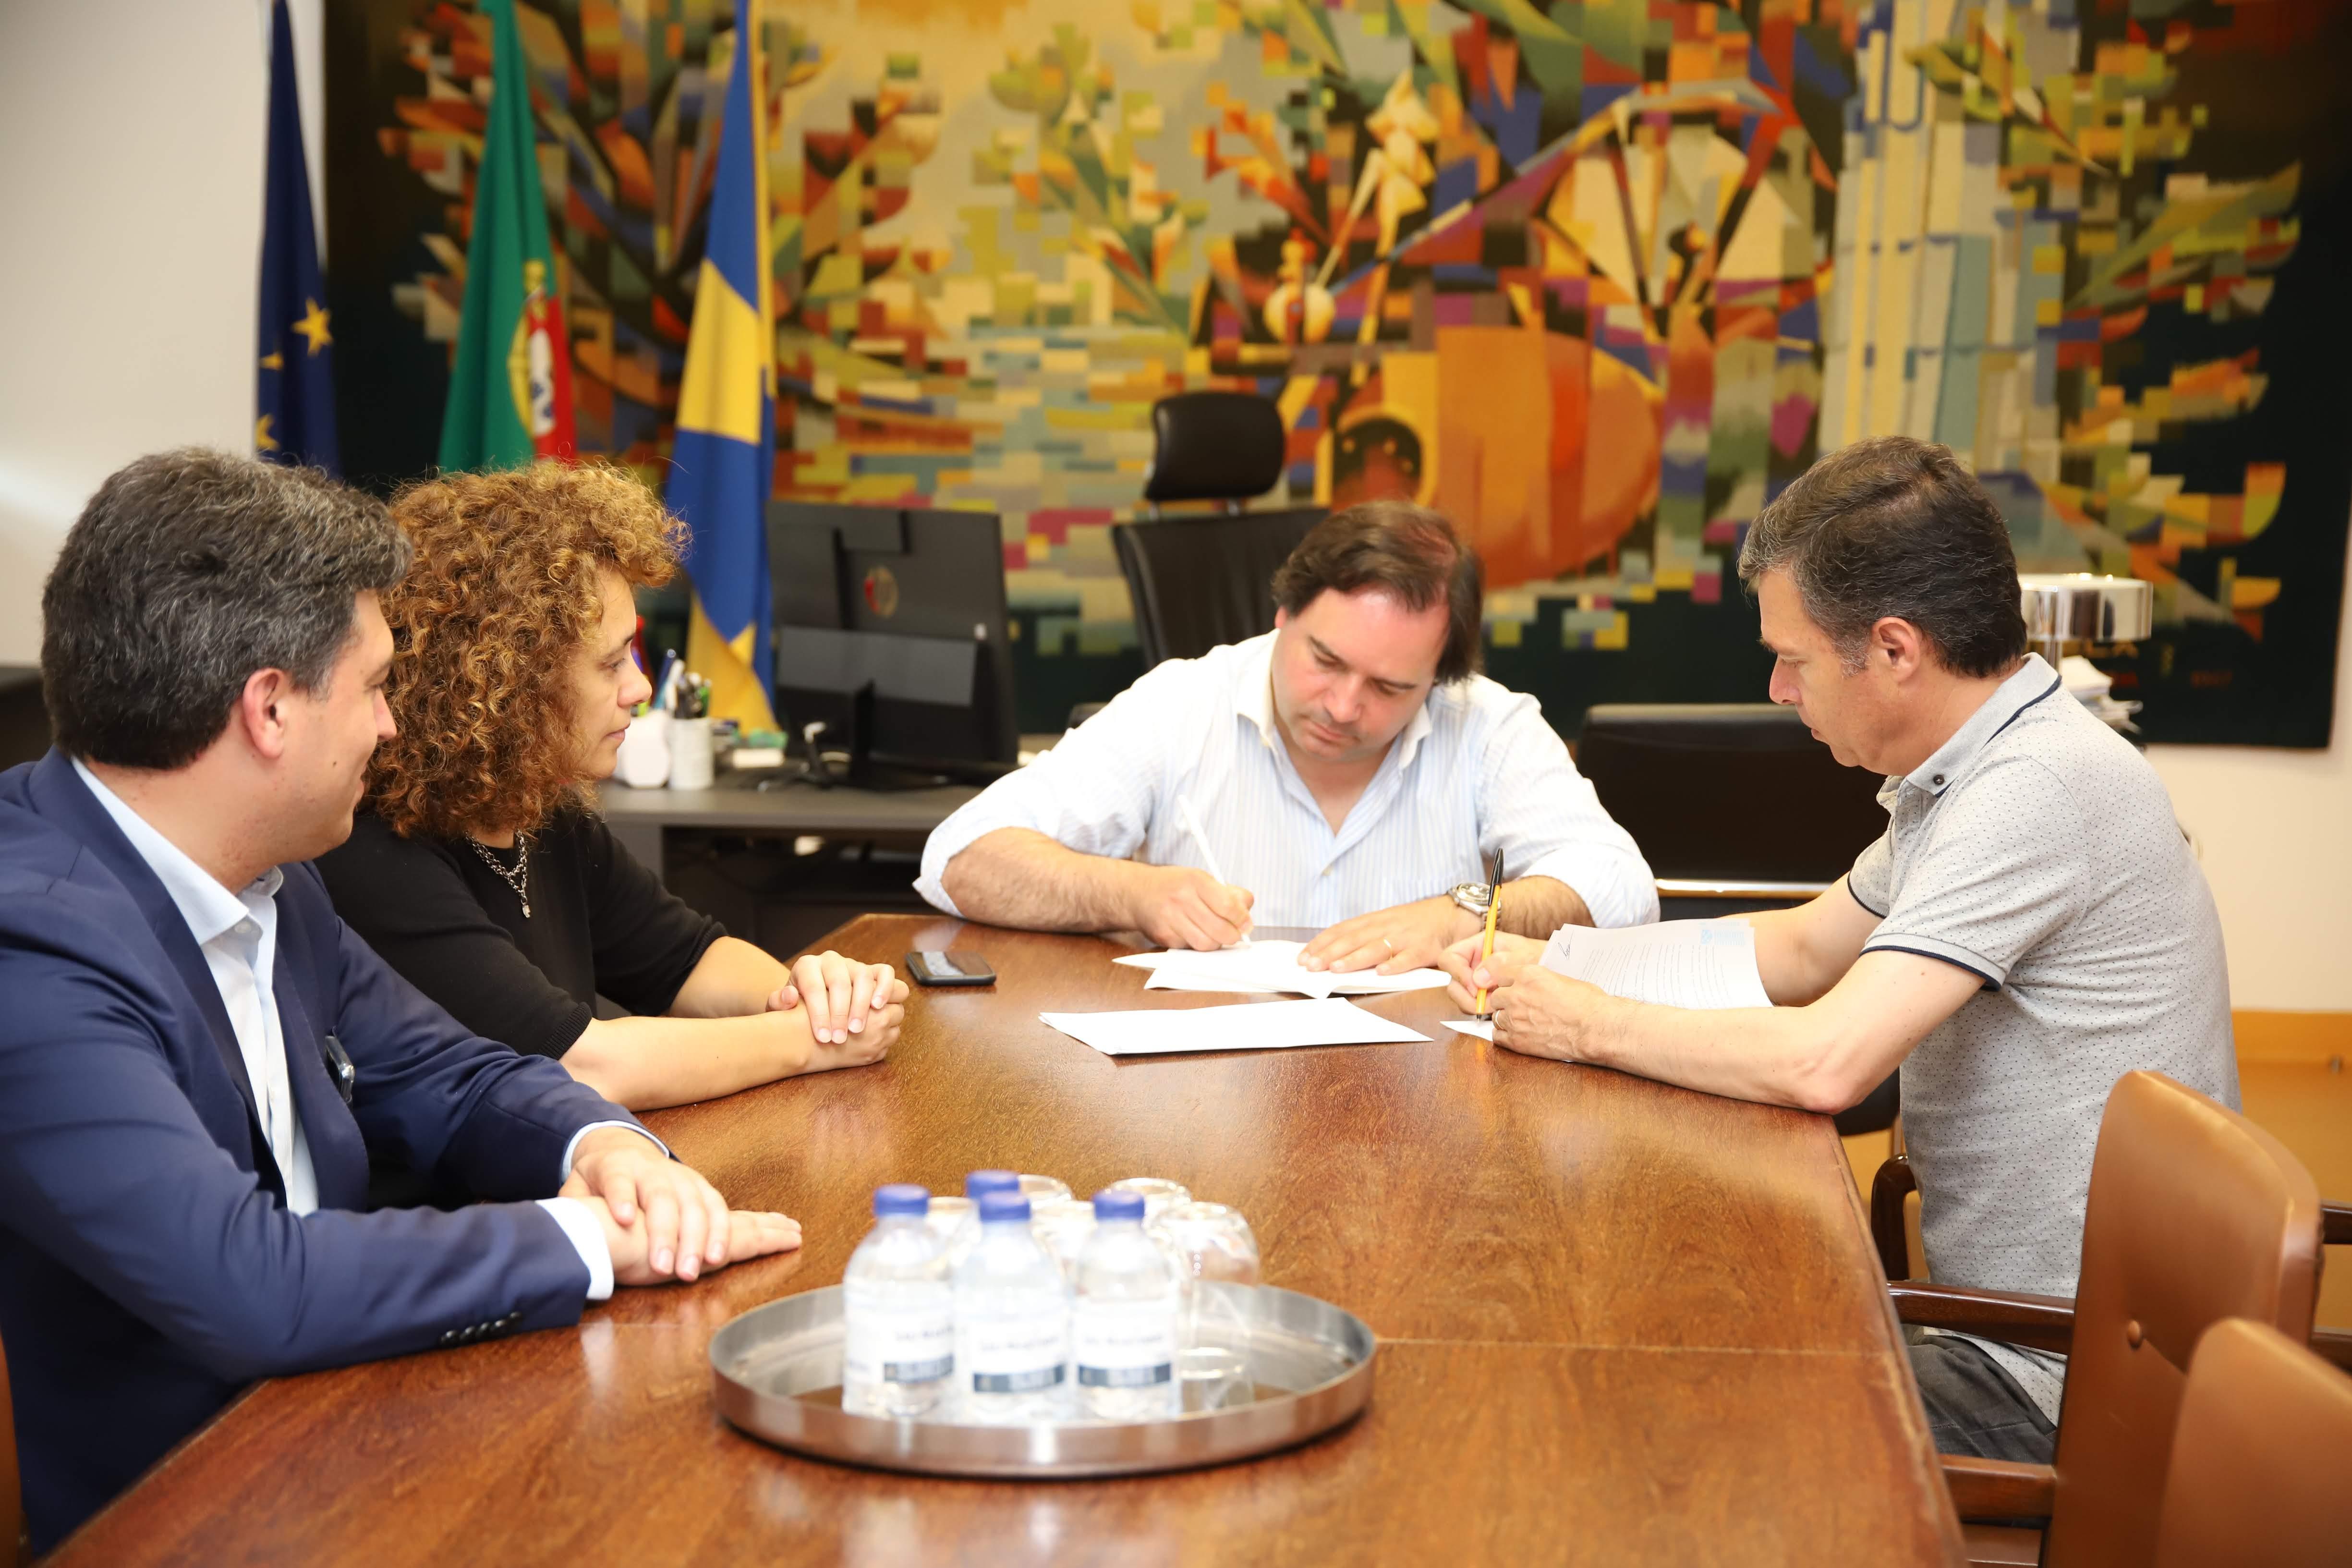 Câmara assinou protocolos com Real Associação Humanitária dos Bombeiros Voluntários de Vizela